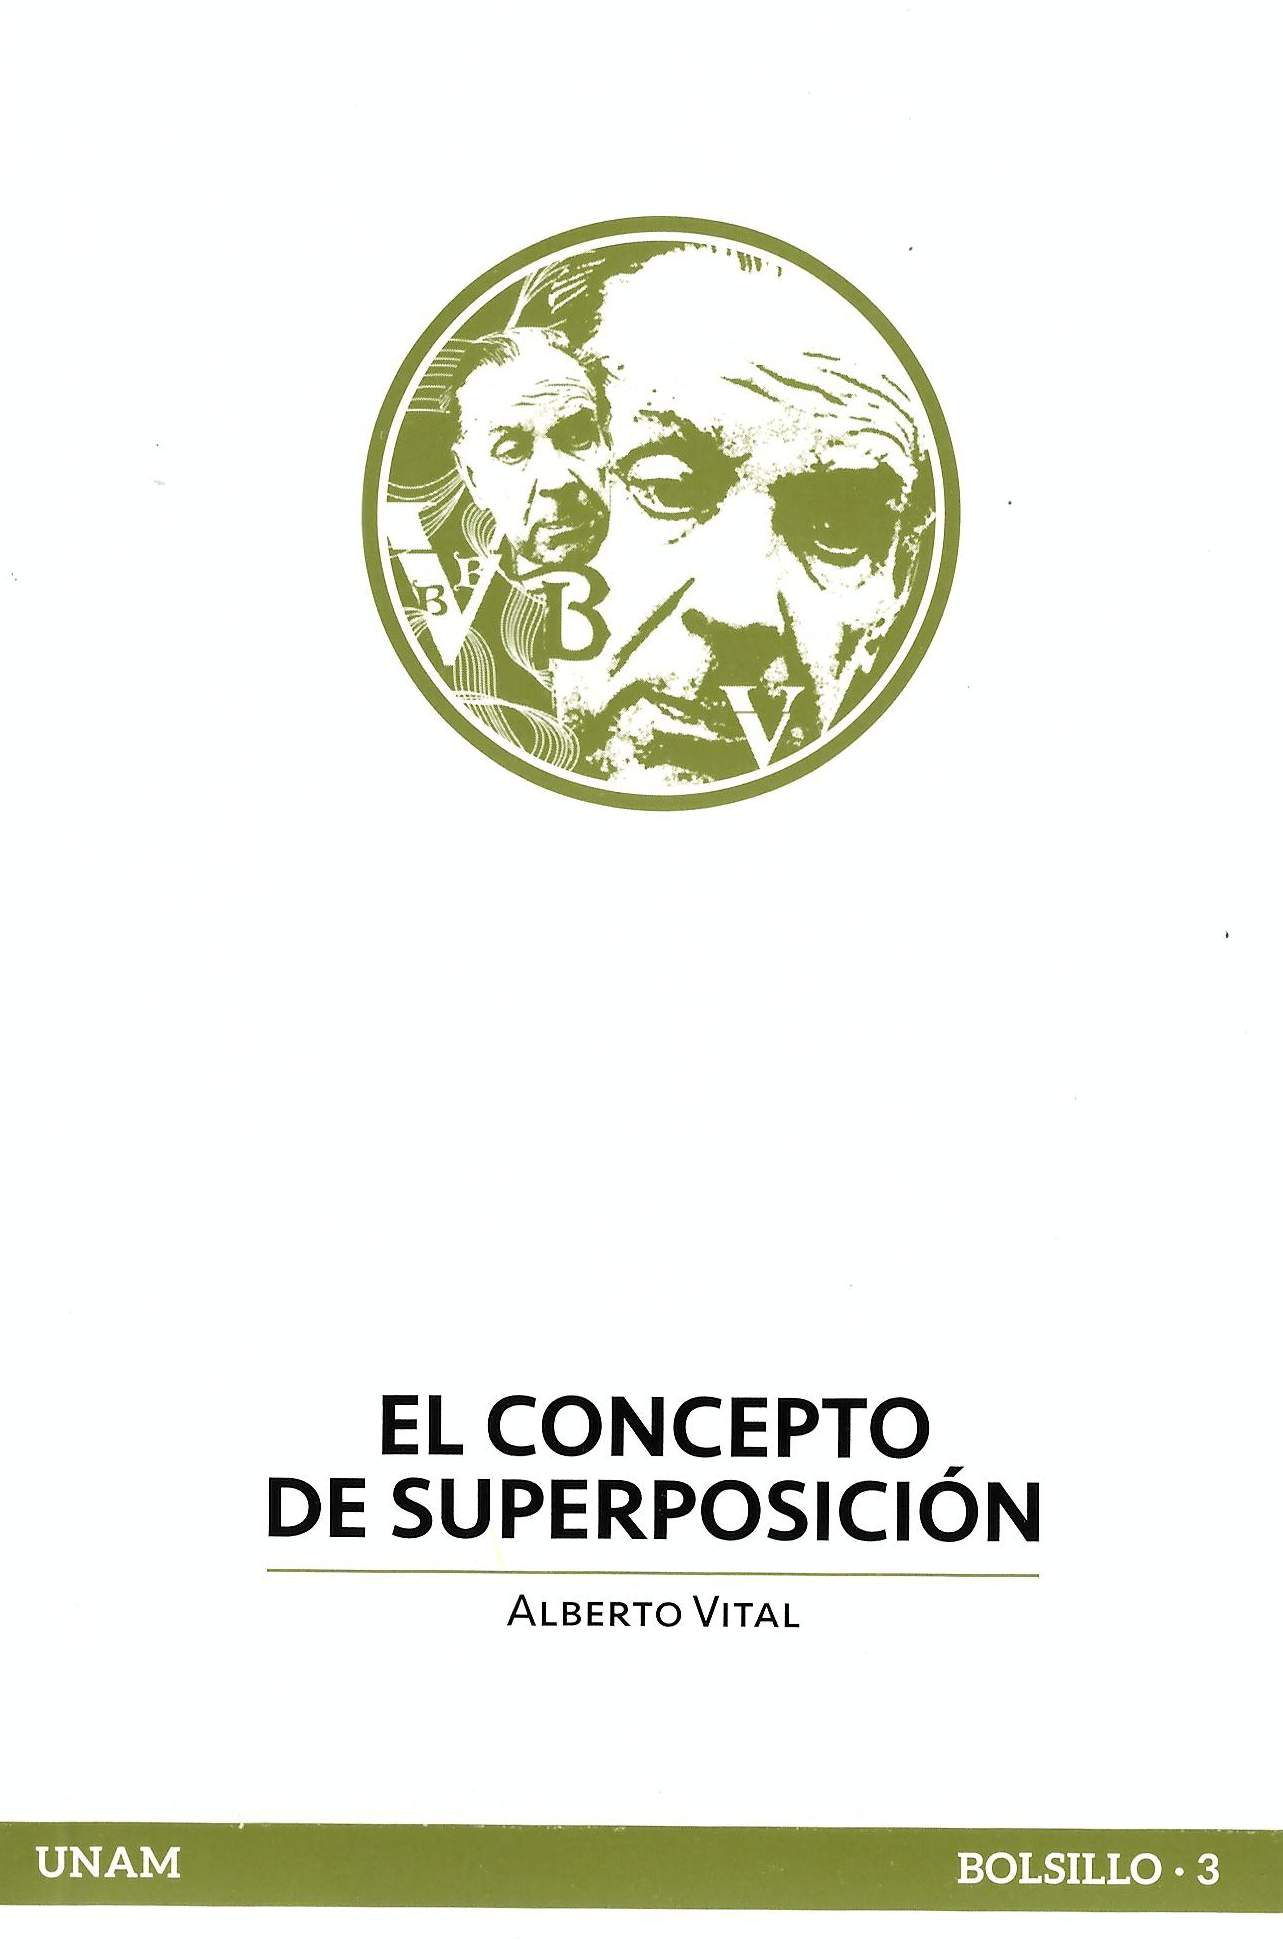 El concepto de superposición